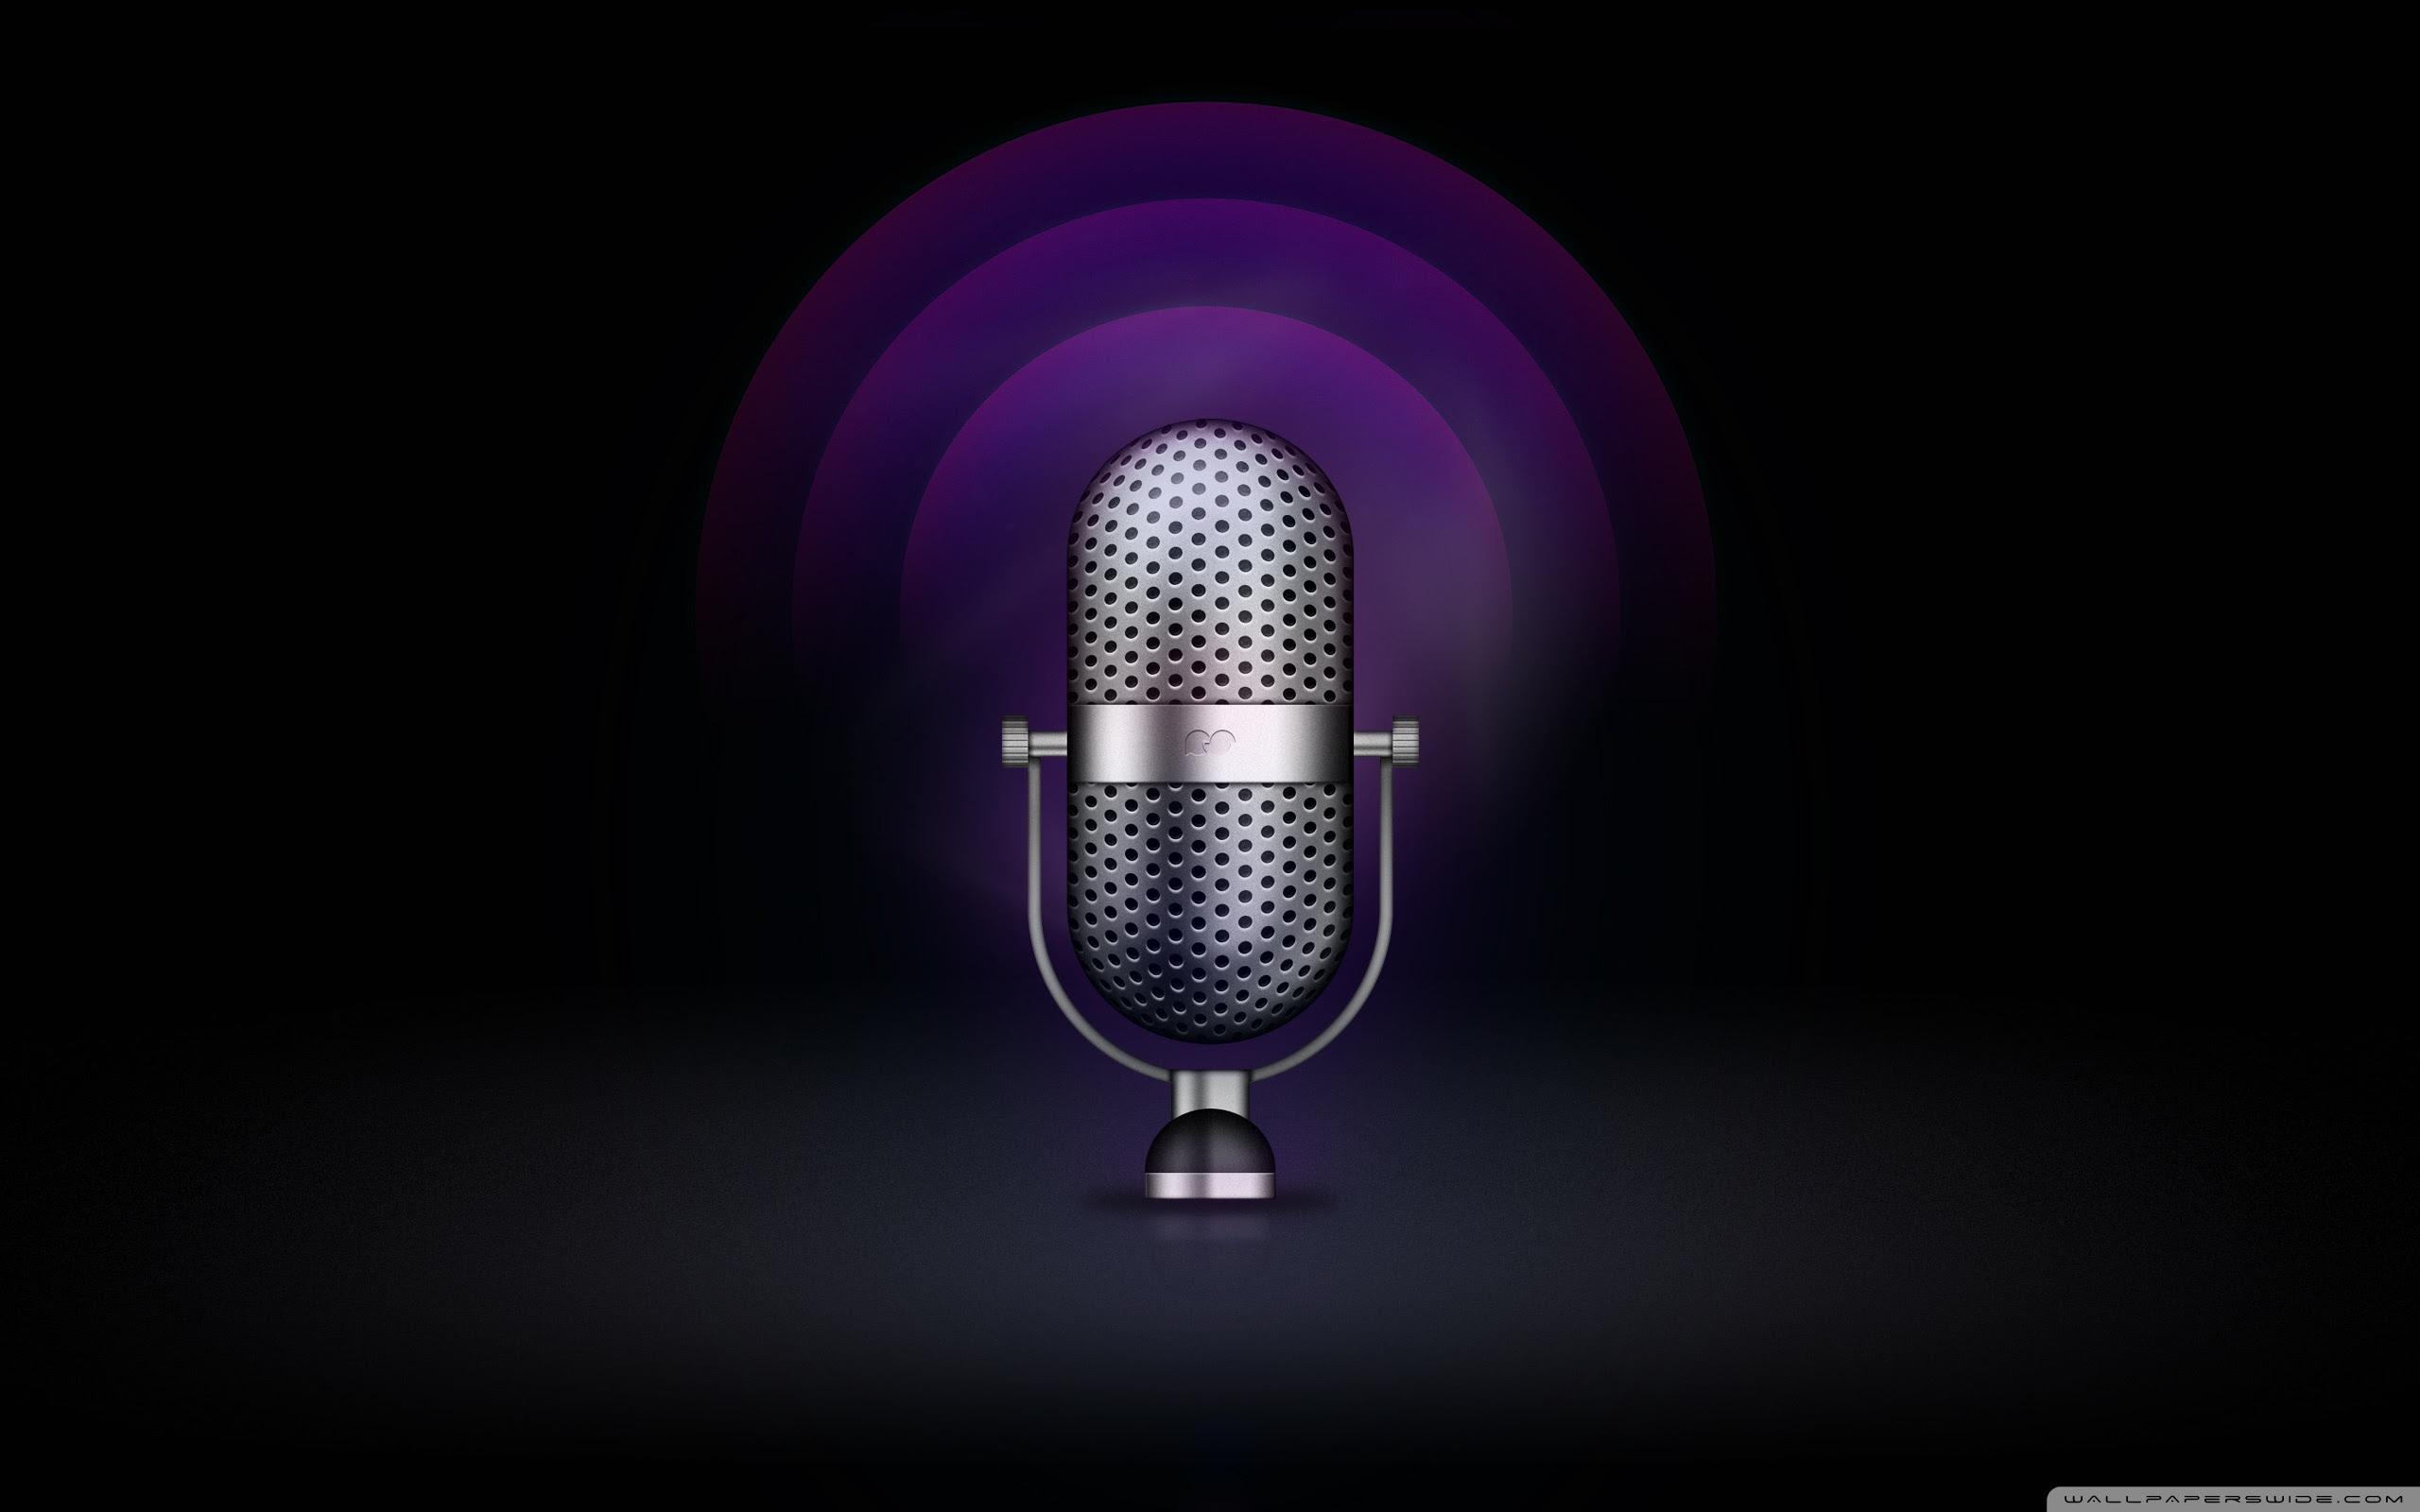 Radio Microphone 4k Hd Desktop Wallpaper For 4k Ultra Hd Tv